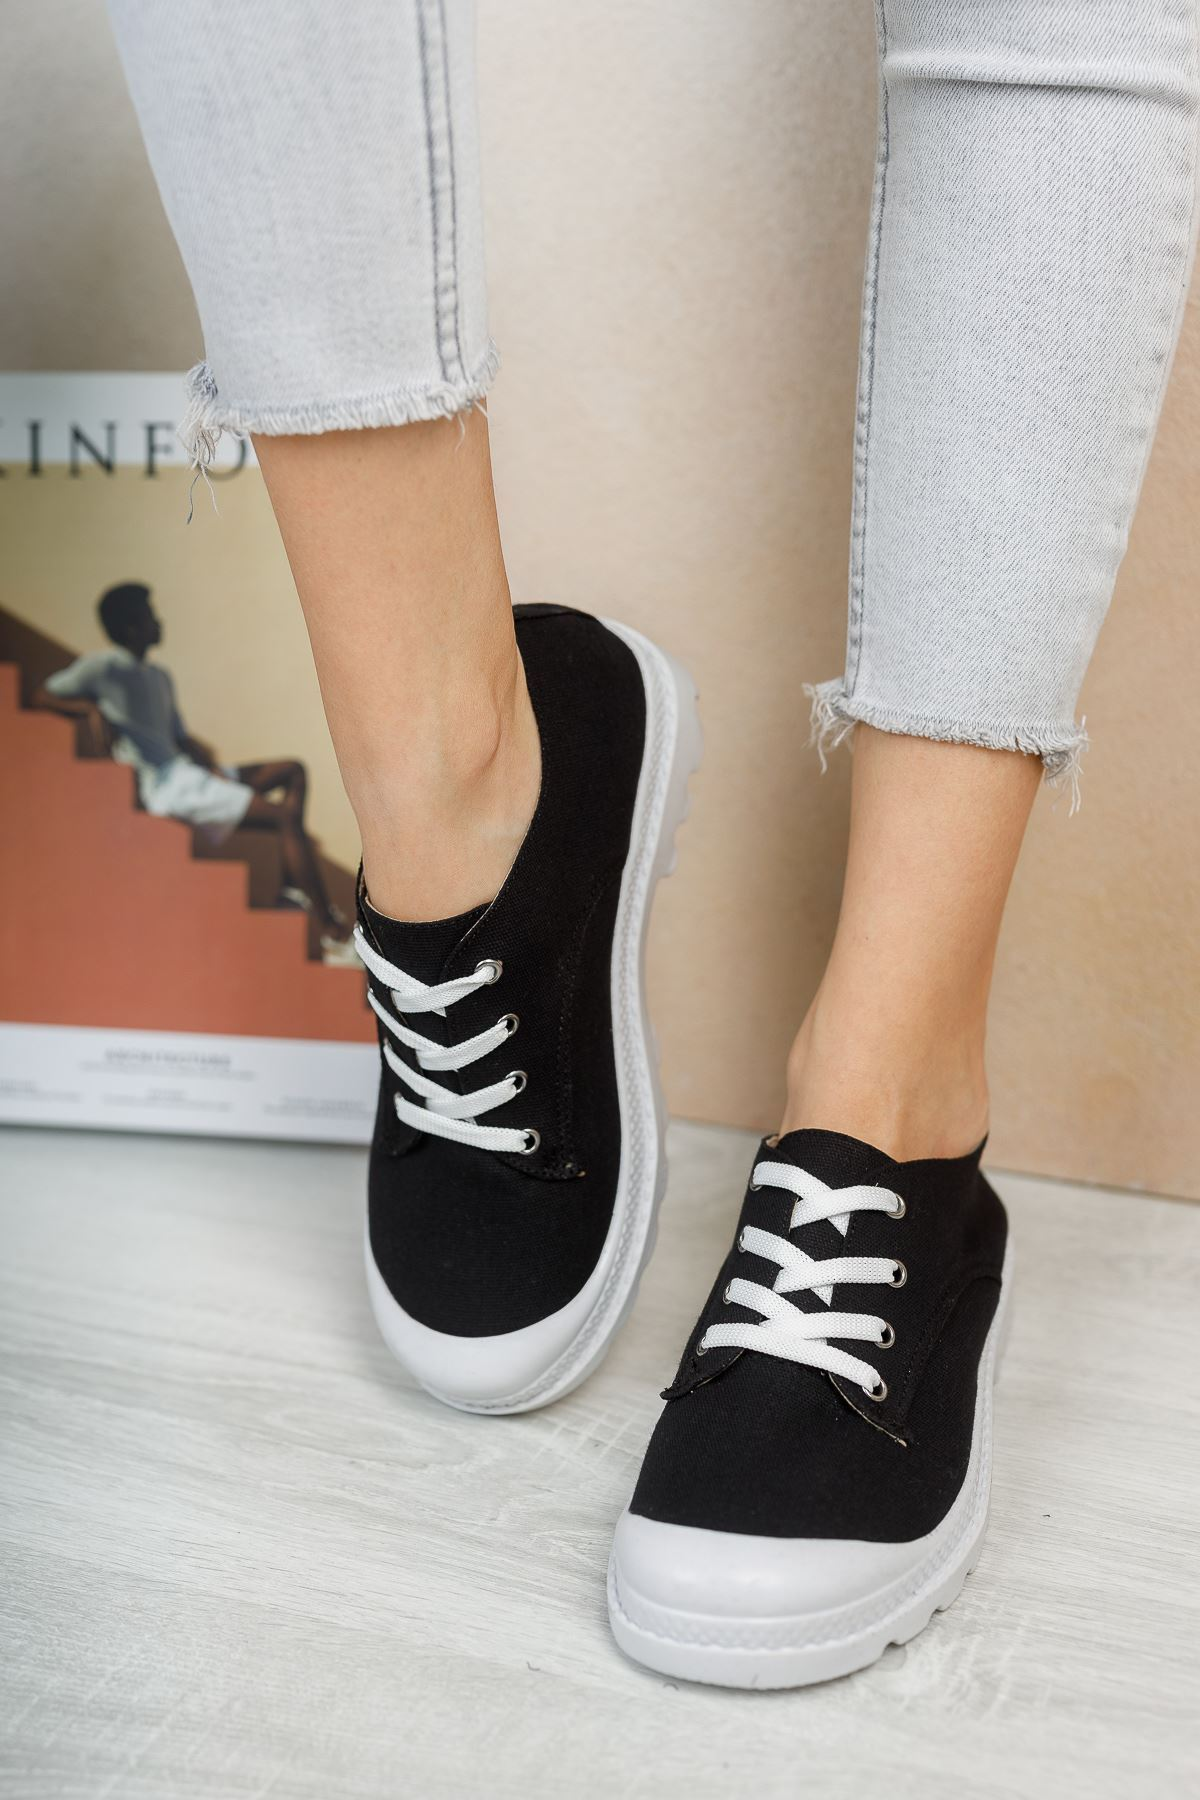 Pirina Siyah Keten Bağcıklı Kadın Spor Ayakkabı